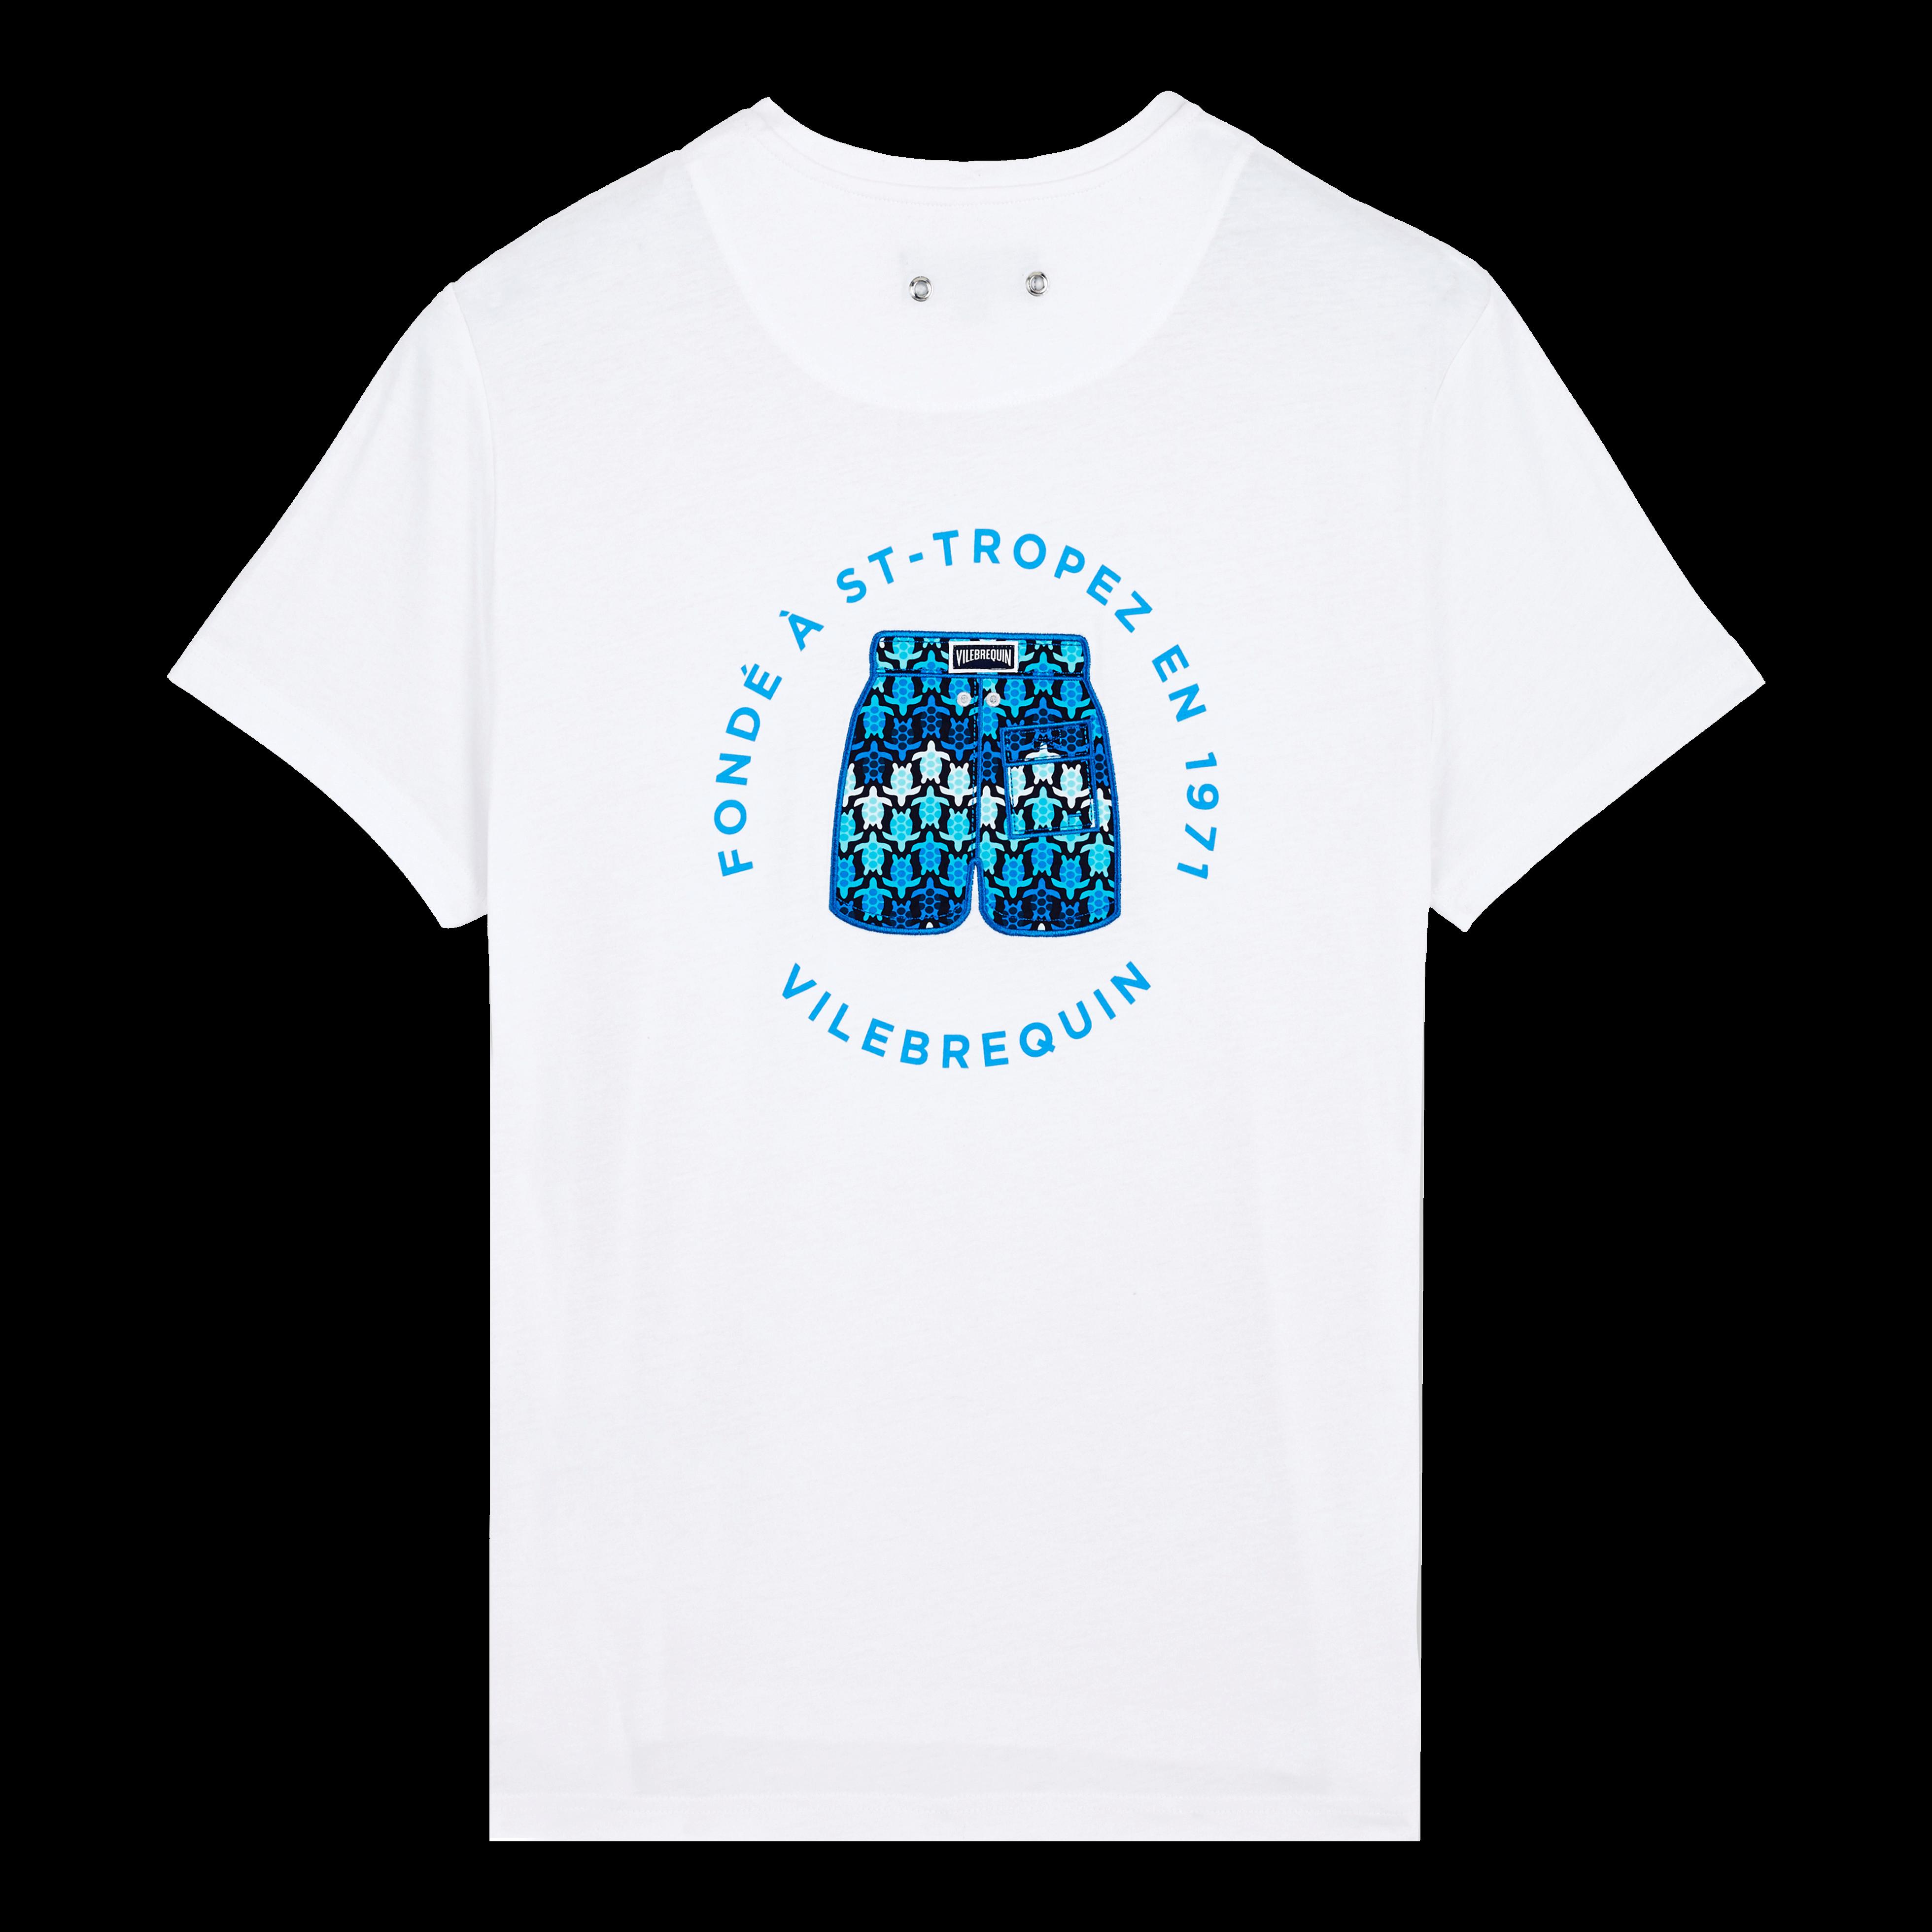 PRET A PORTER HOMME - T-Shirt en Coton Homme Imprimé Fondé à St-Tropez - TEE SHIRT - TAO - Blanc - X